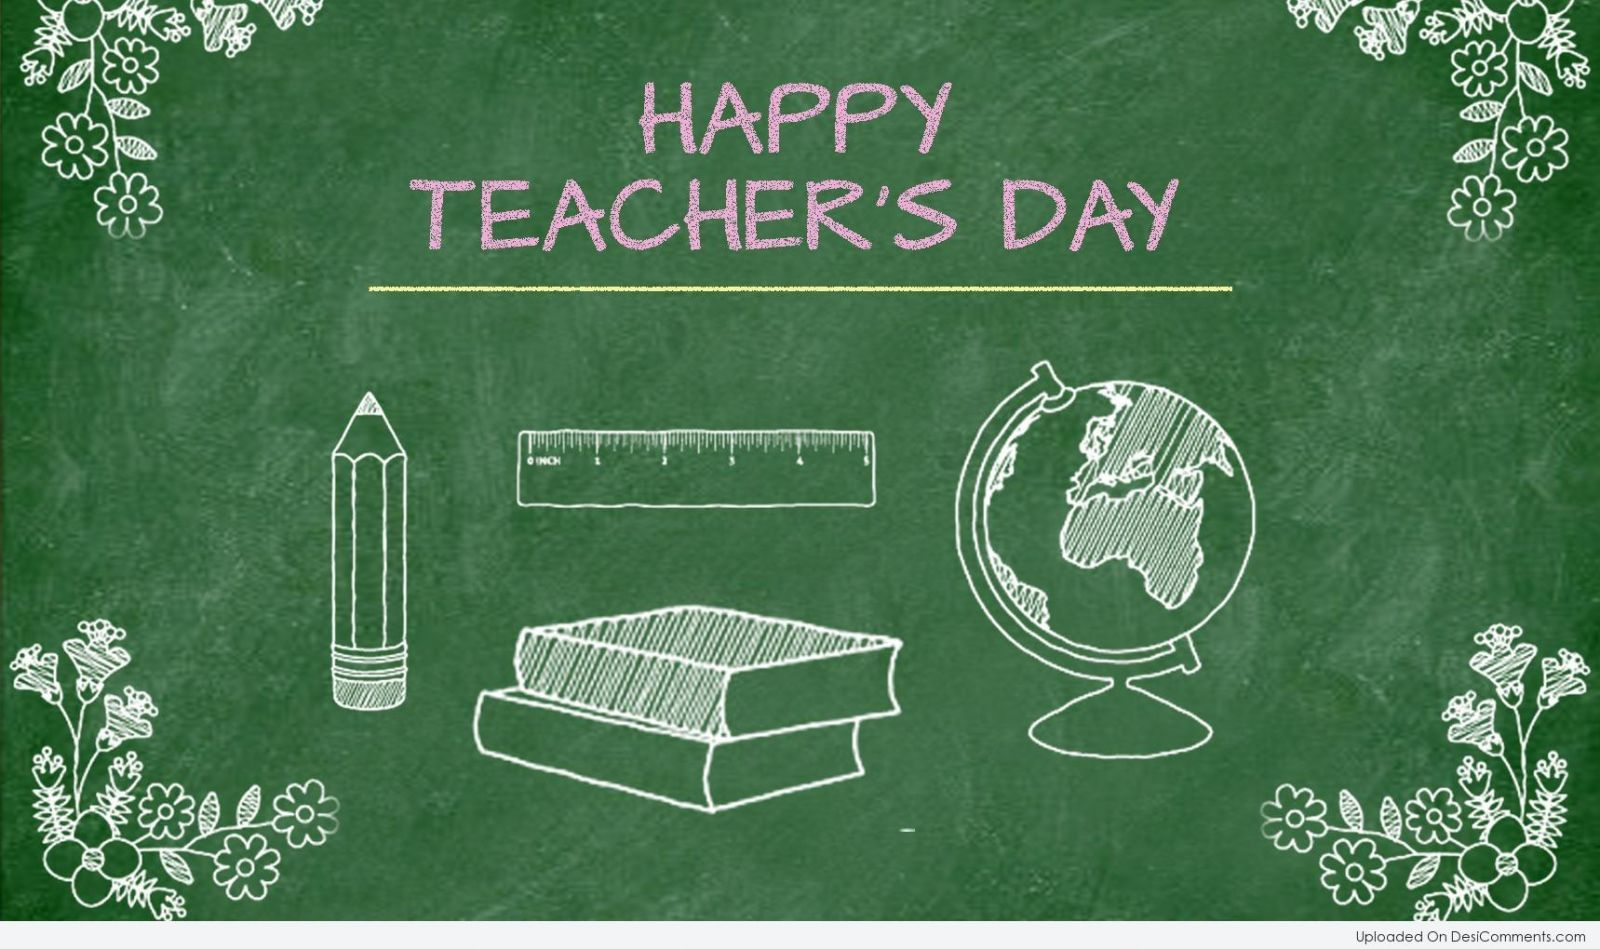 Открытки на день учителя на английском, картинки днем